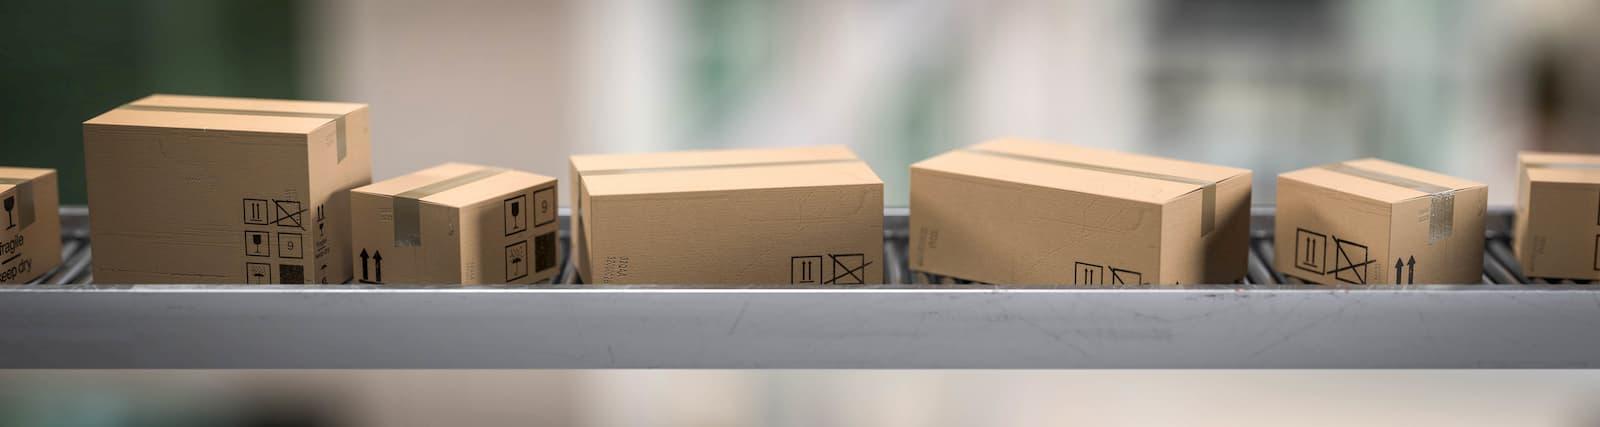 verpackungen als teil der logistik und prüfung durch transportsimulation